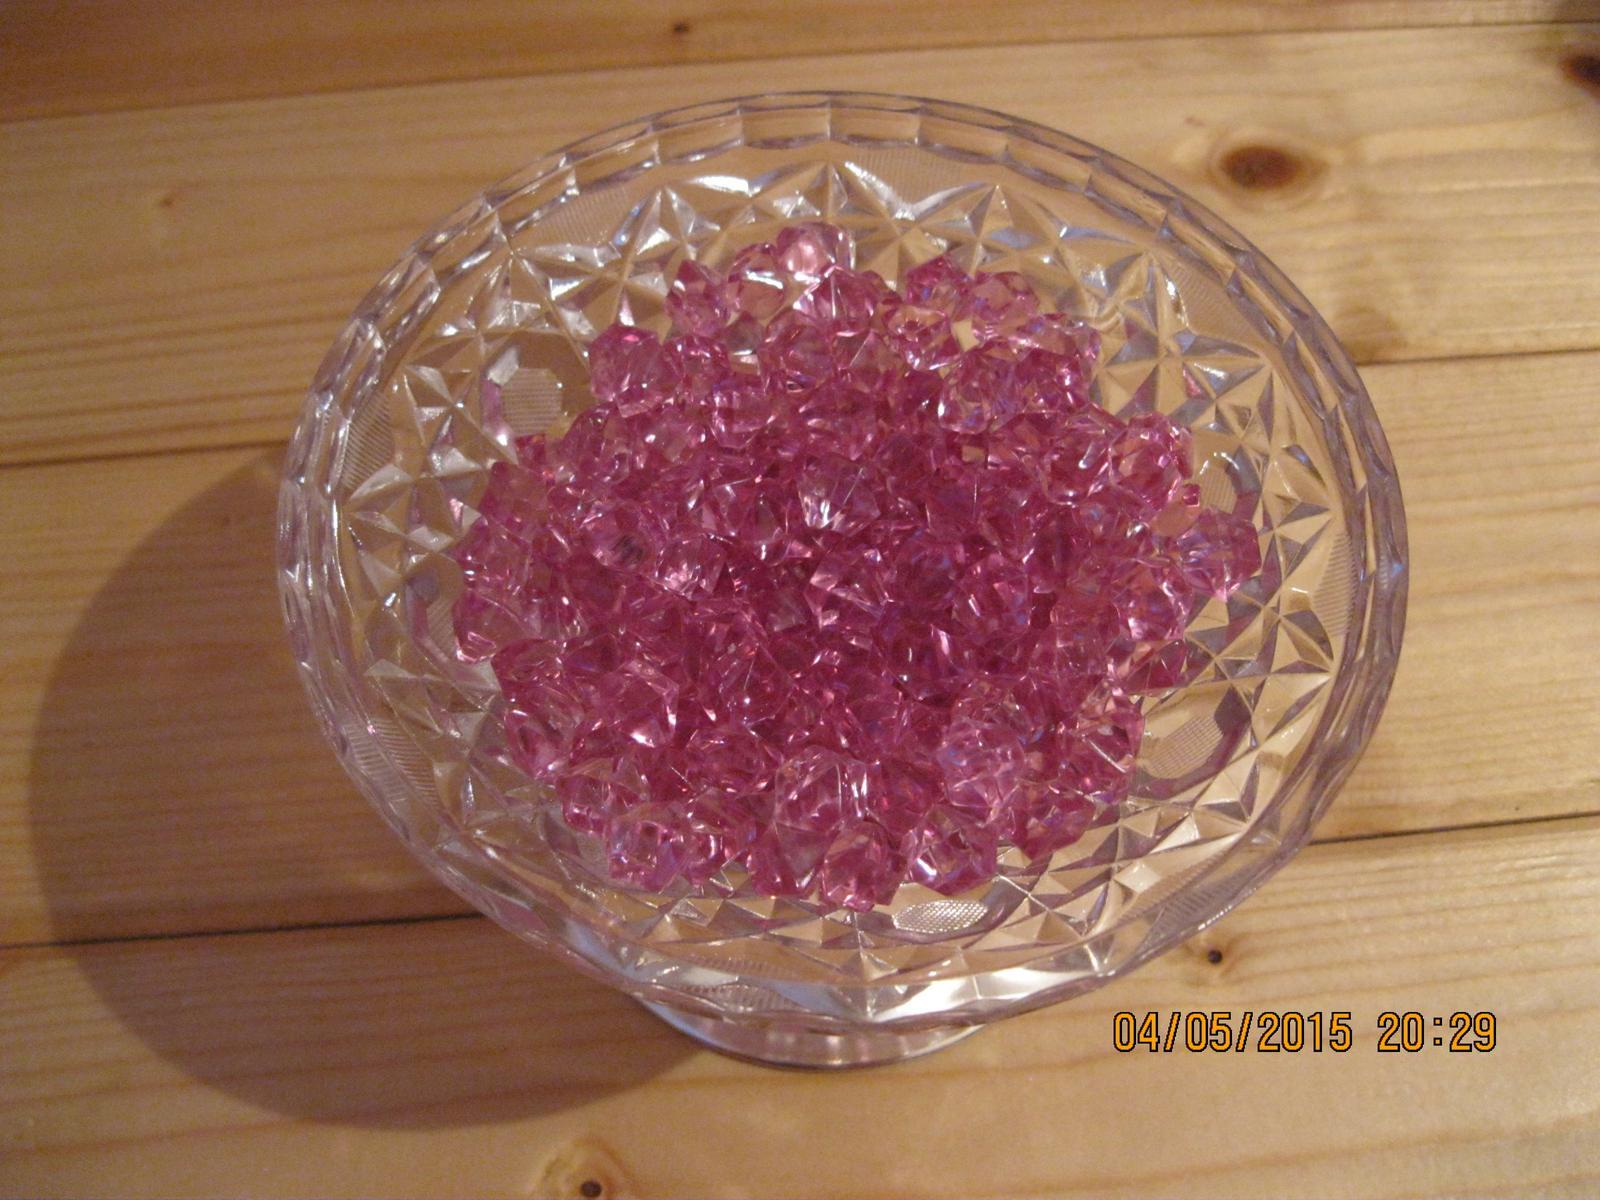 Kamínky tmavě růžové, 1,5 cm - Obrázek č. 1